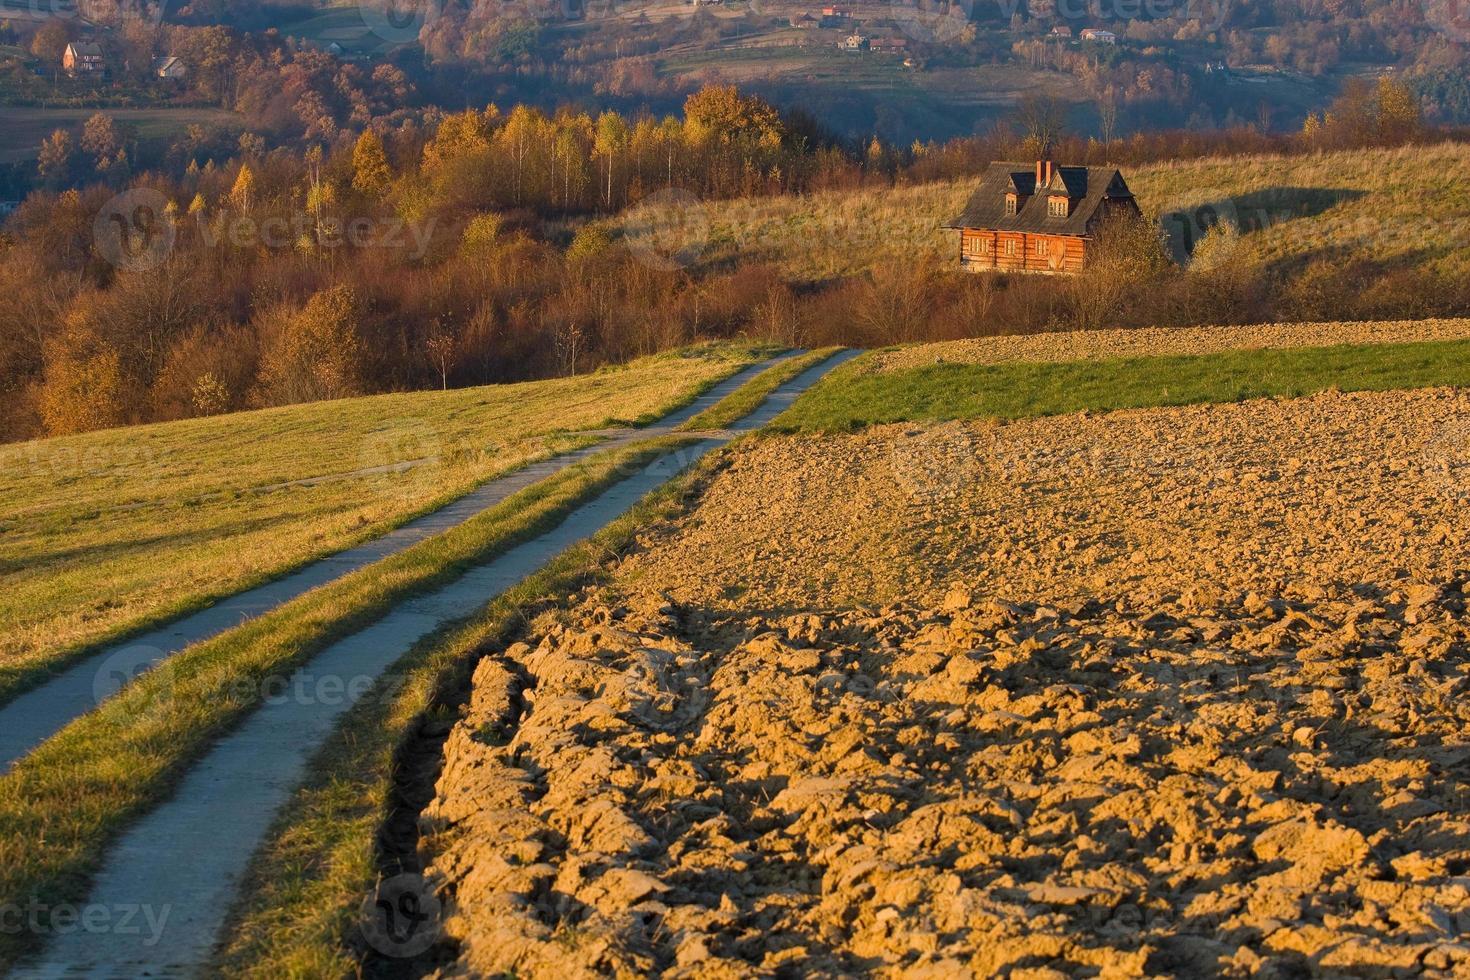 casa de campo em campos de outono foto